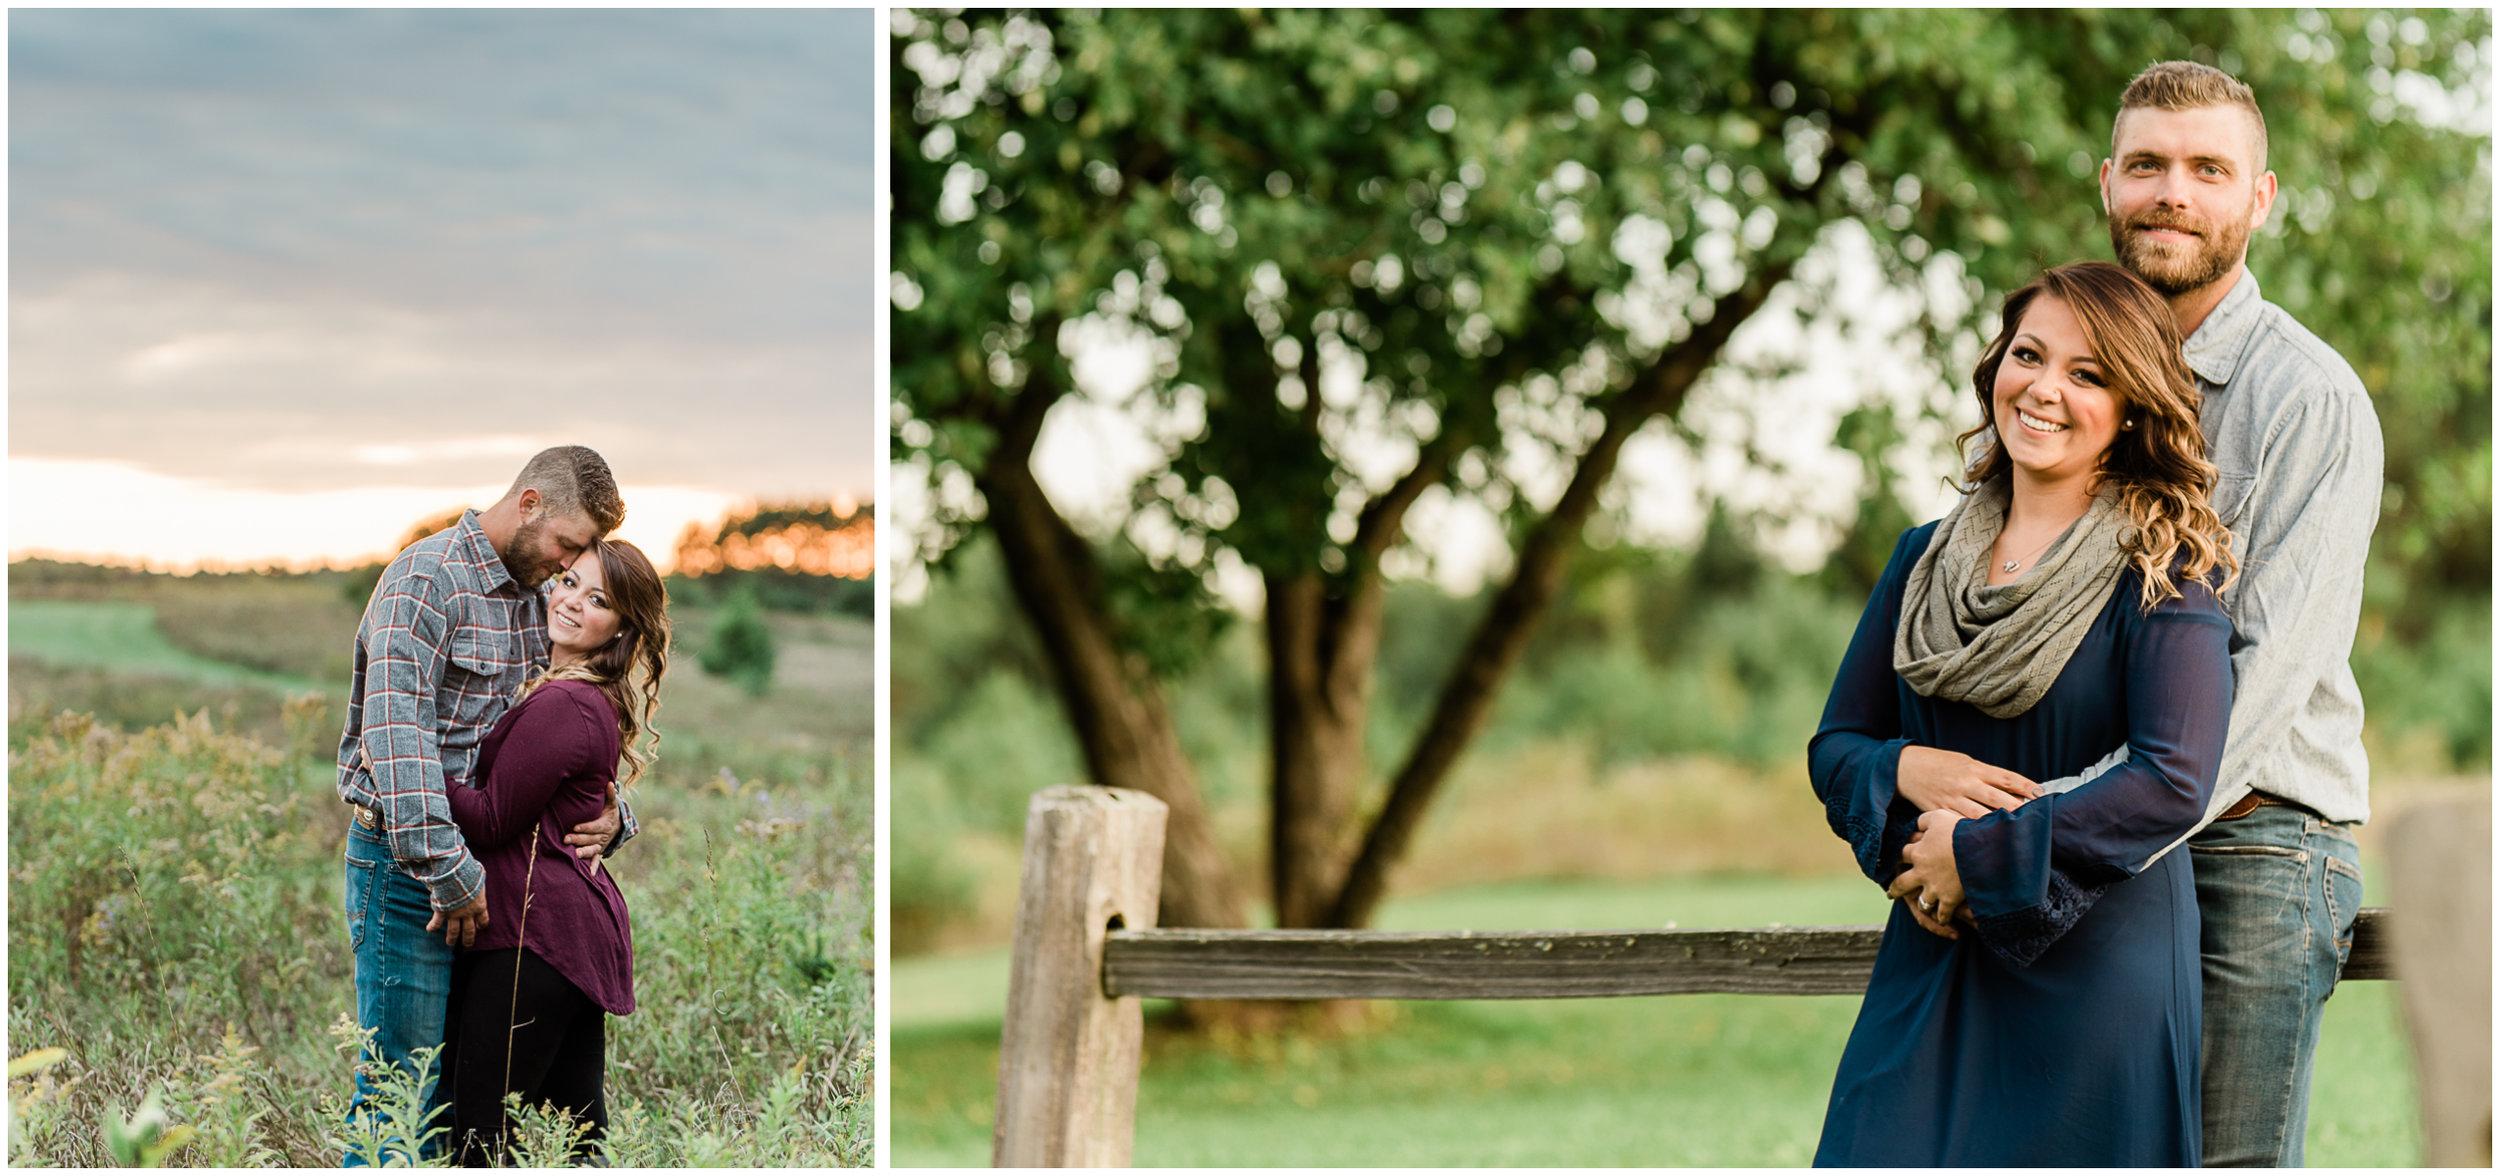 rhinelander-wisconsin-wedding-photographer-minocqua-eagle-river-northwoods-affordable-famiy-senior-engagement-photography6.jpg